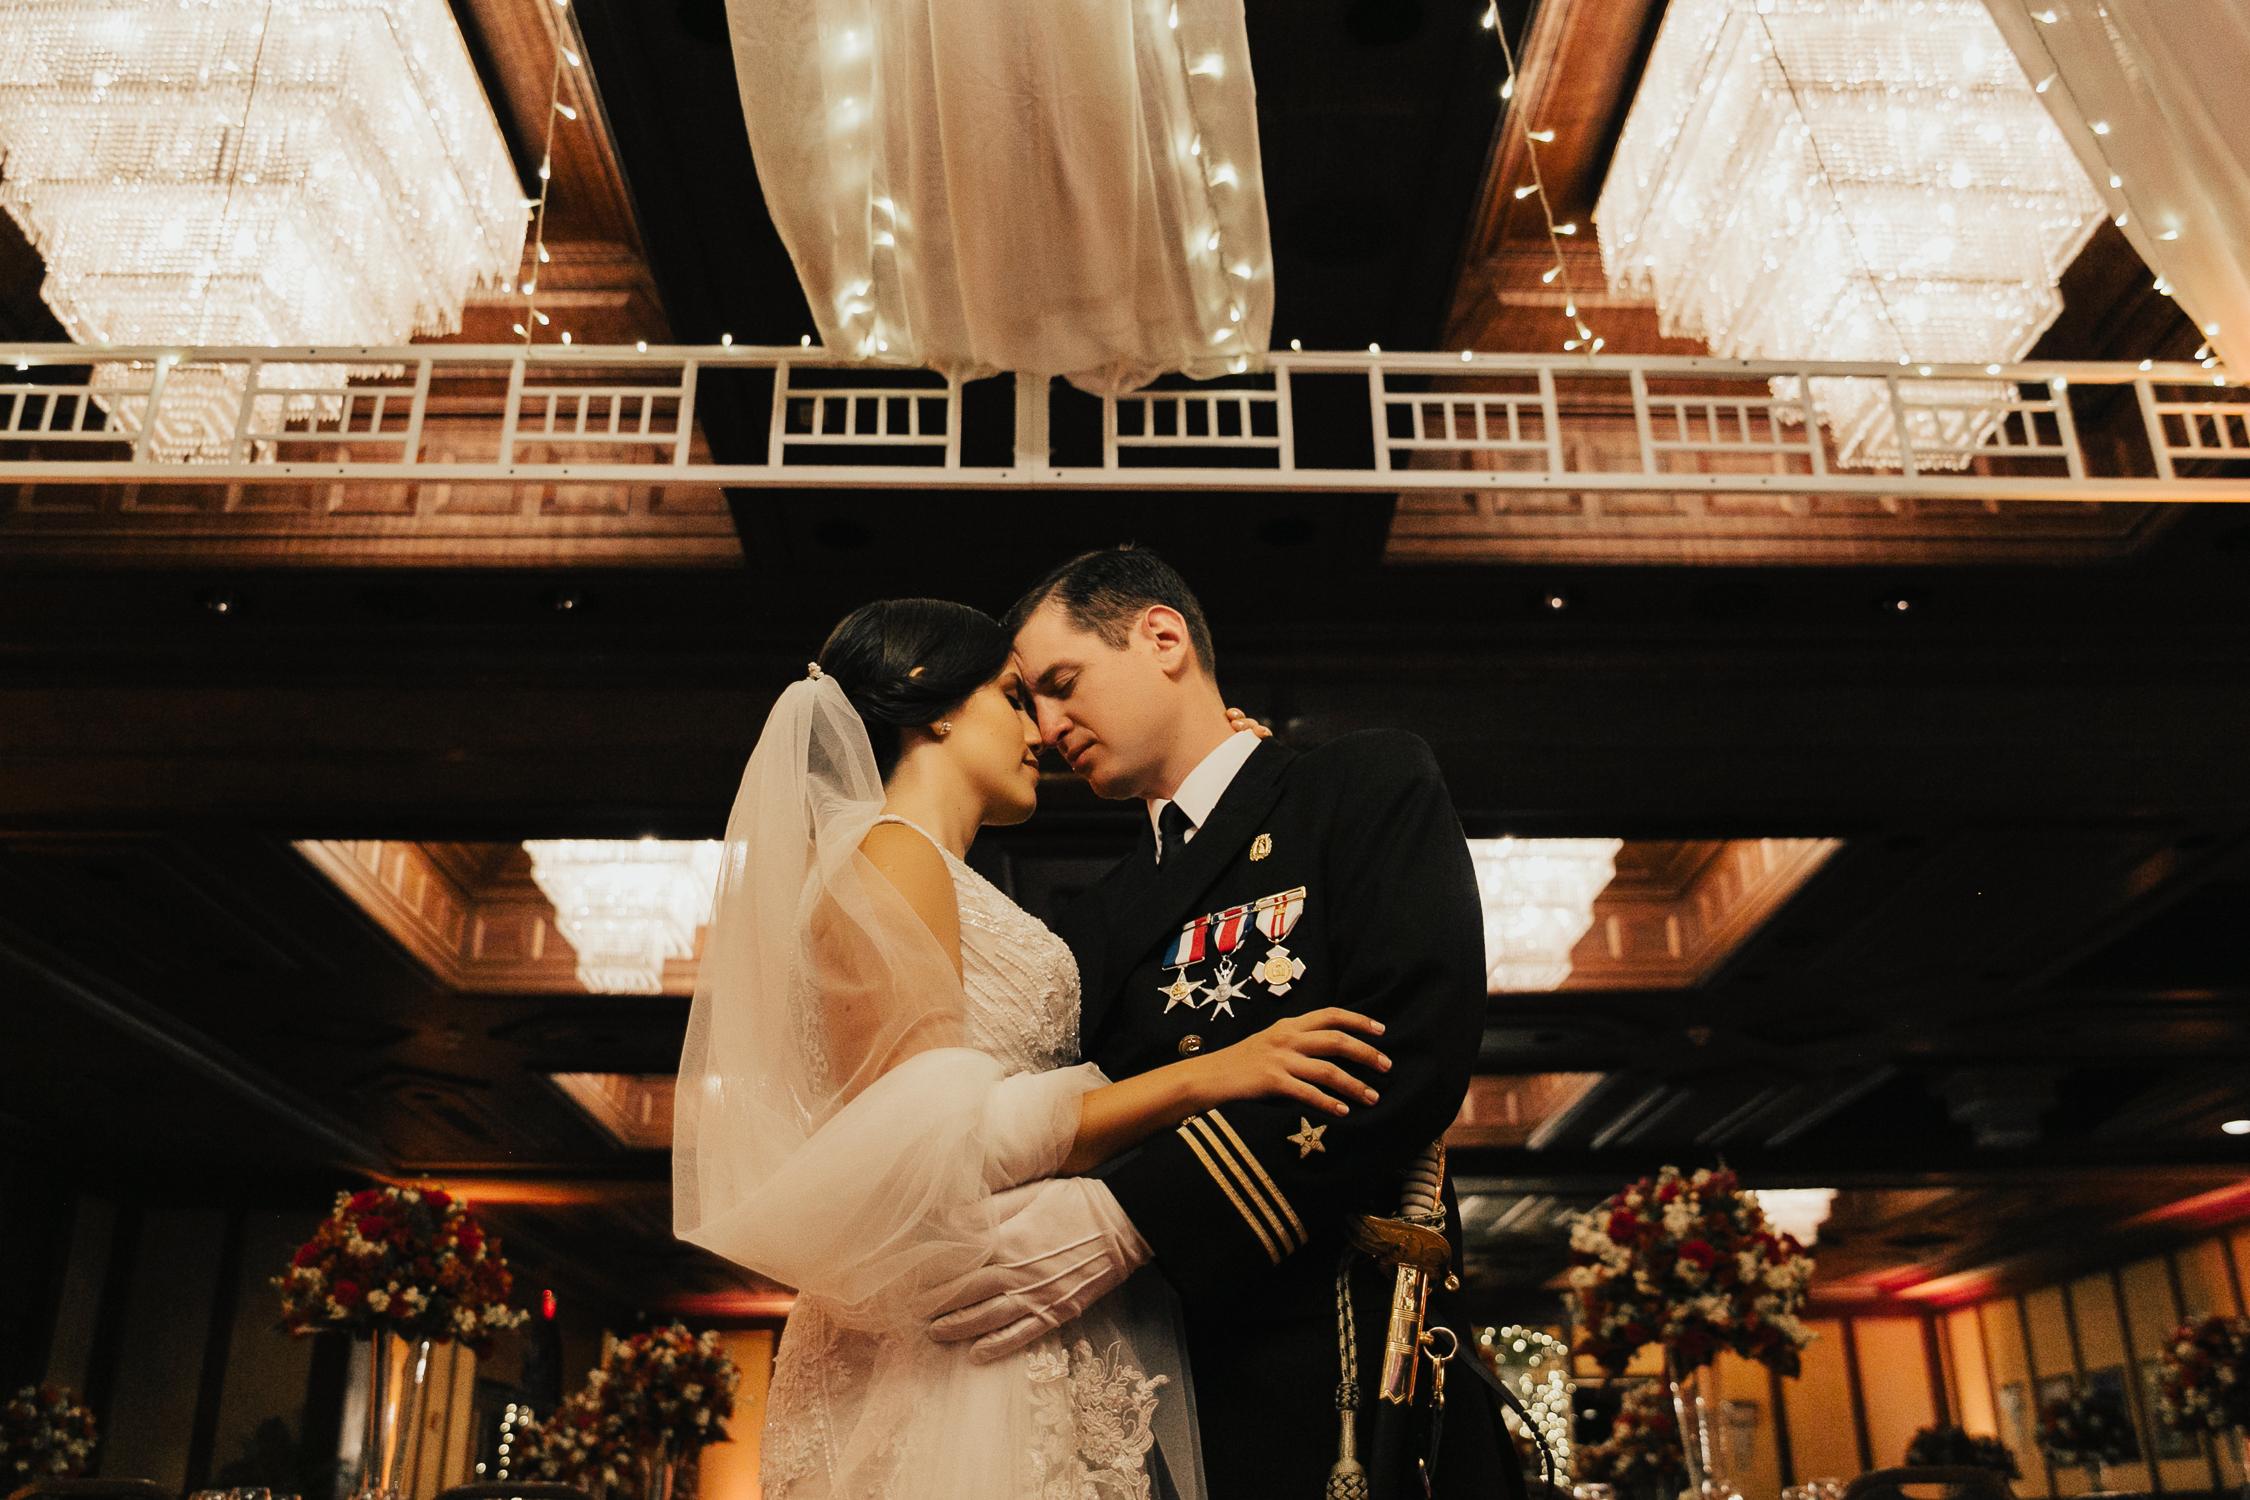 Michelle-Agurto-Fotografia-Bodas-Ecuador-Destination-Wedding-Photographer-Ecuador-Mercedes-Alvaro-144.JPG